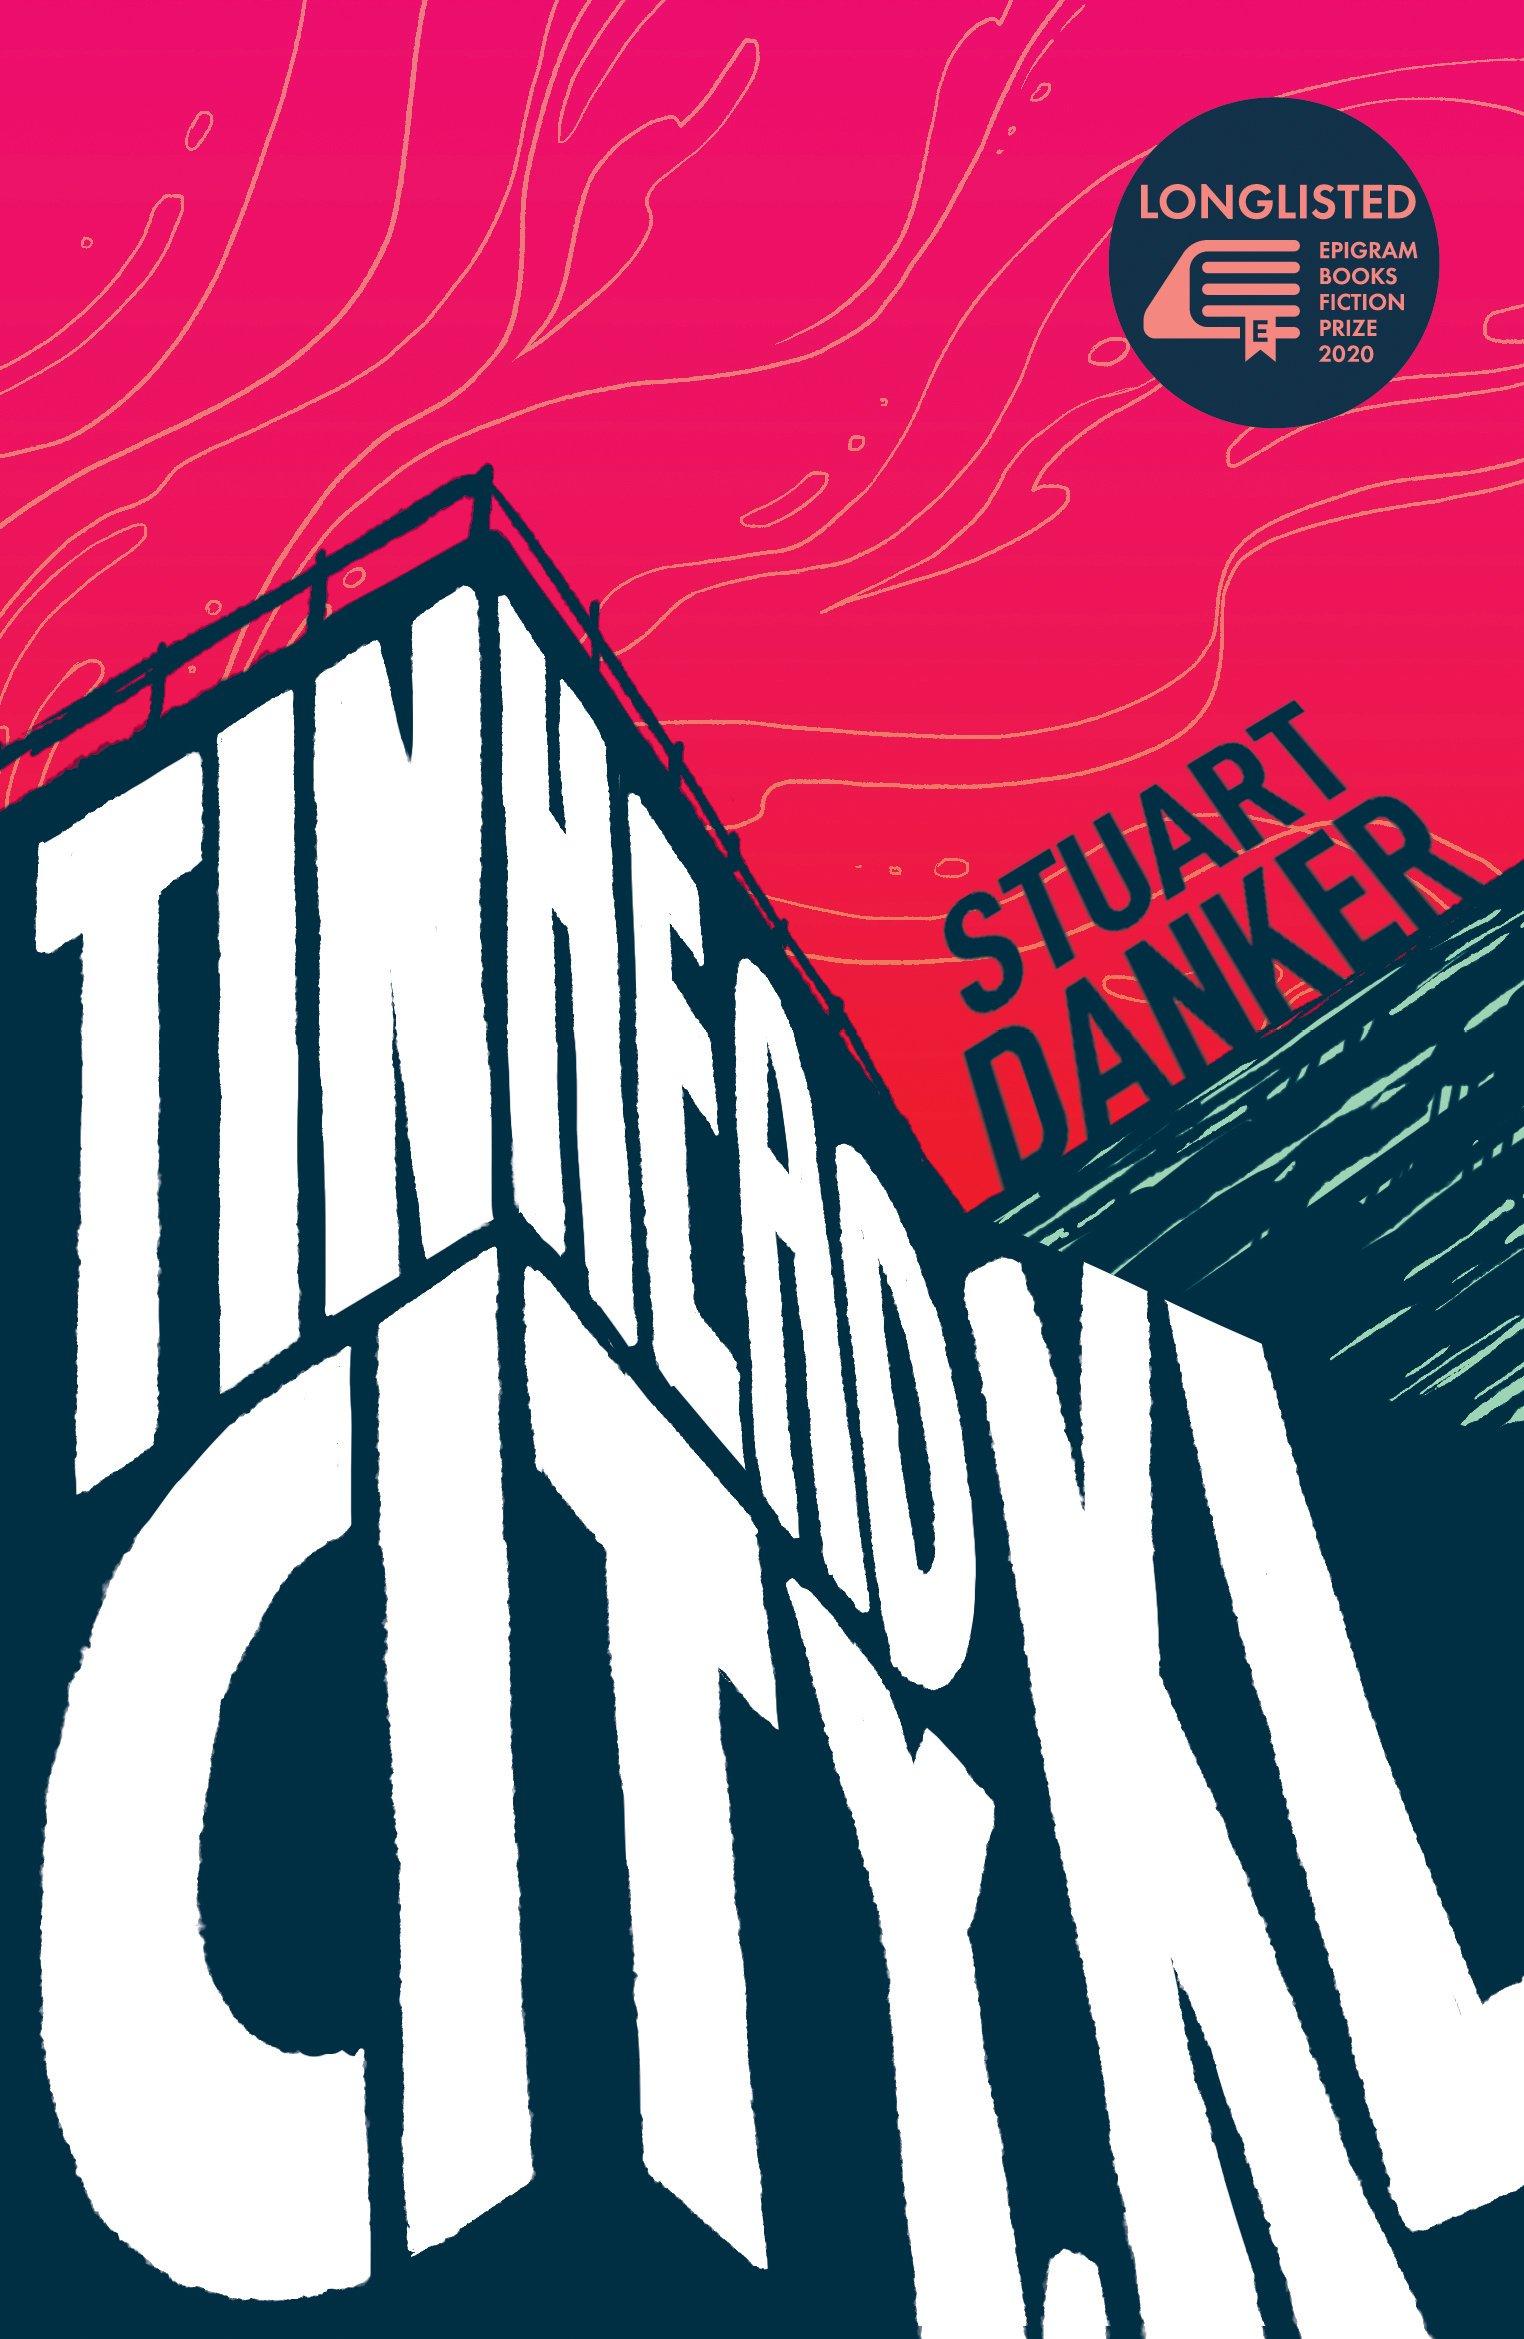 Cover for Stuart Danker's book titled Tinhead City KL